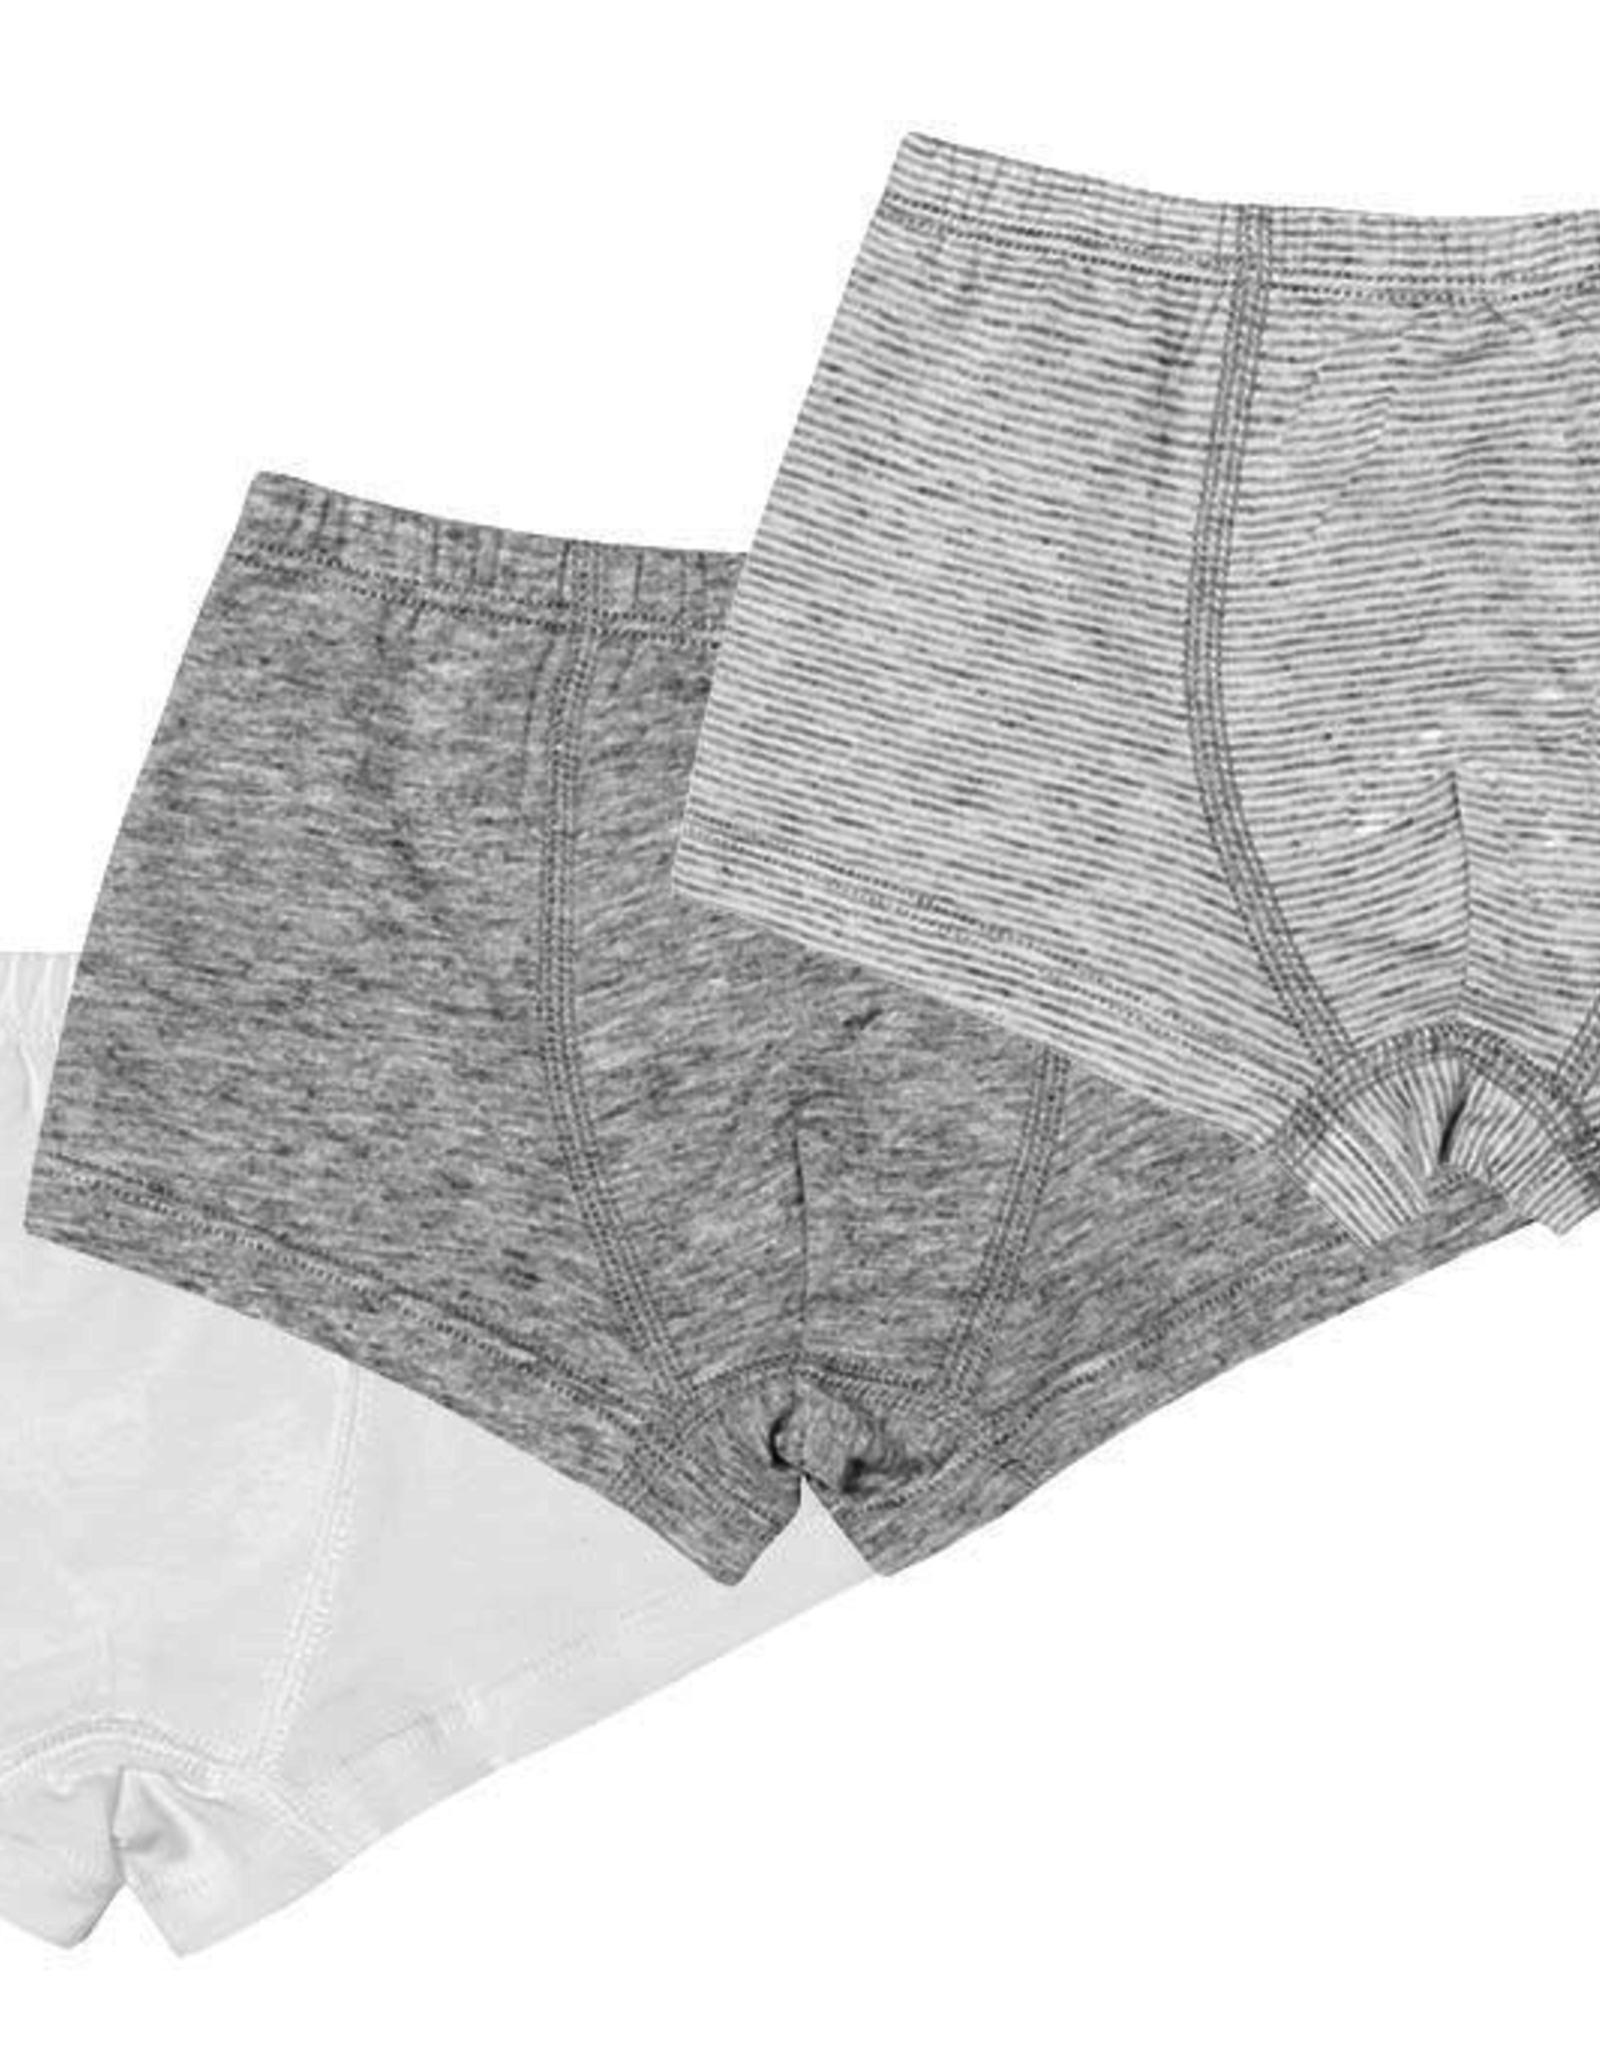 Nest Designs Organic Cotton Boxer Briefs Underwear (3 Pack)